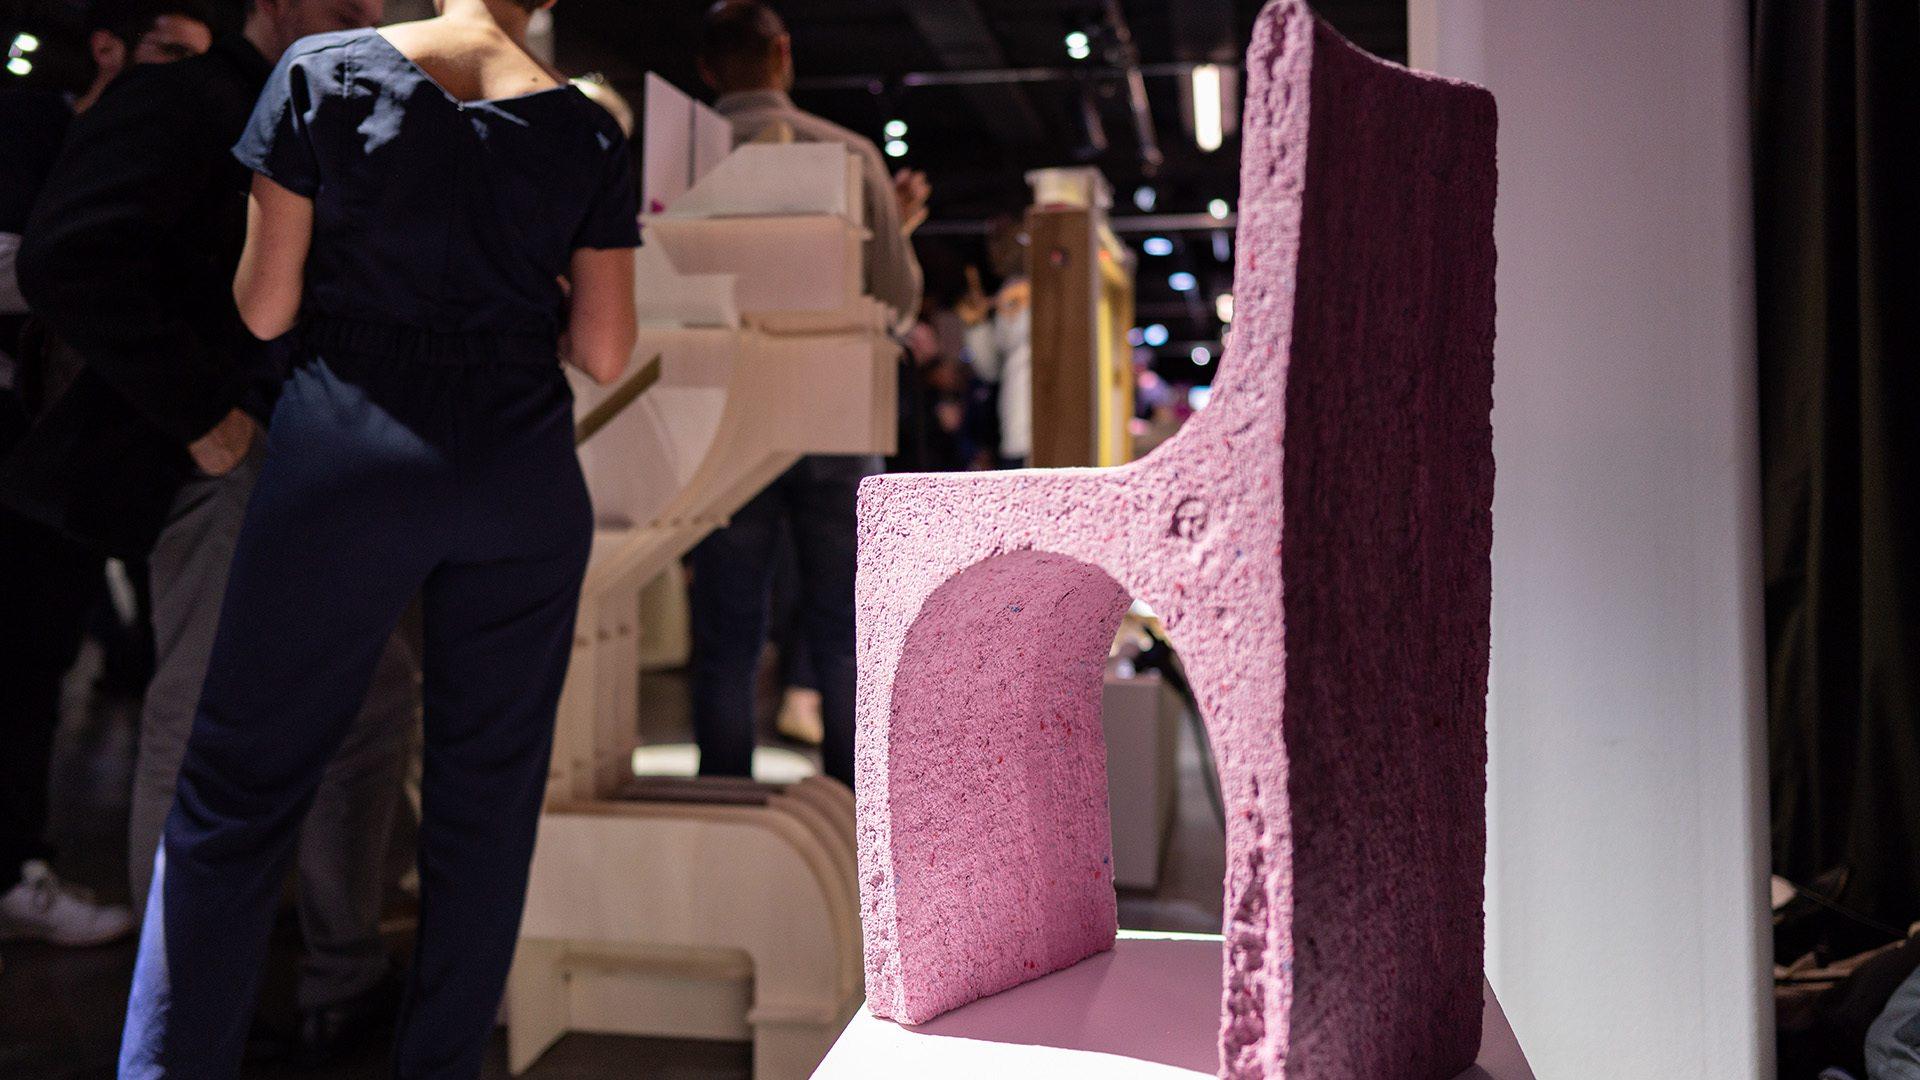 Mobilier en papier pas Laura Conill, designer et Lana Papiers © Bartosch-Salmanski